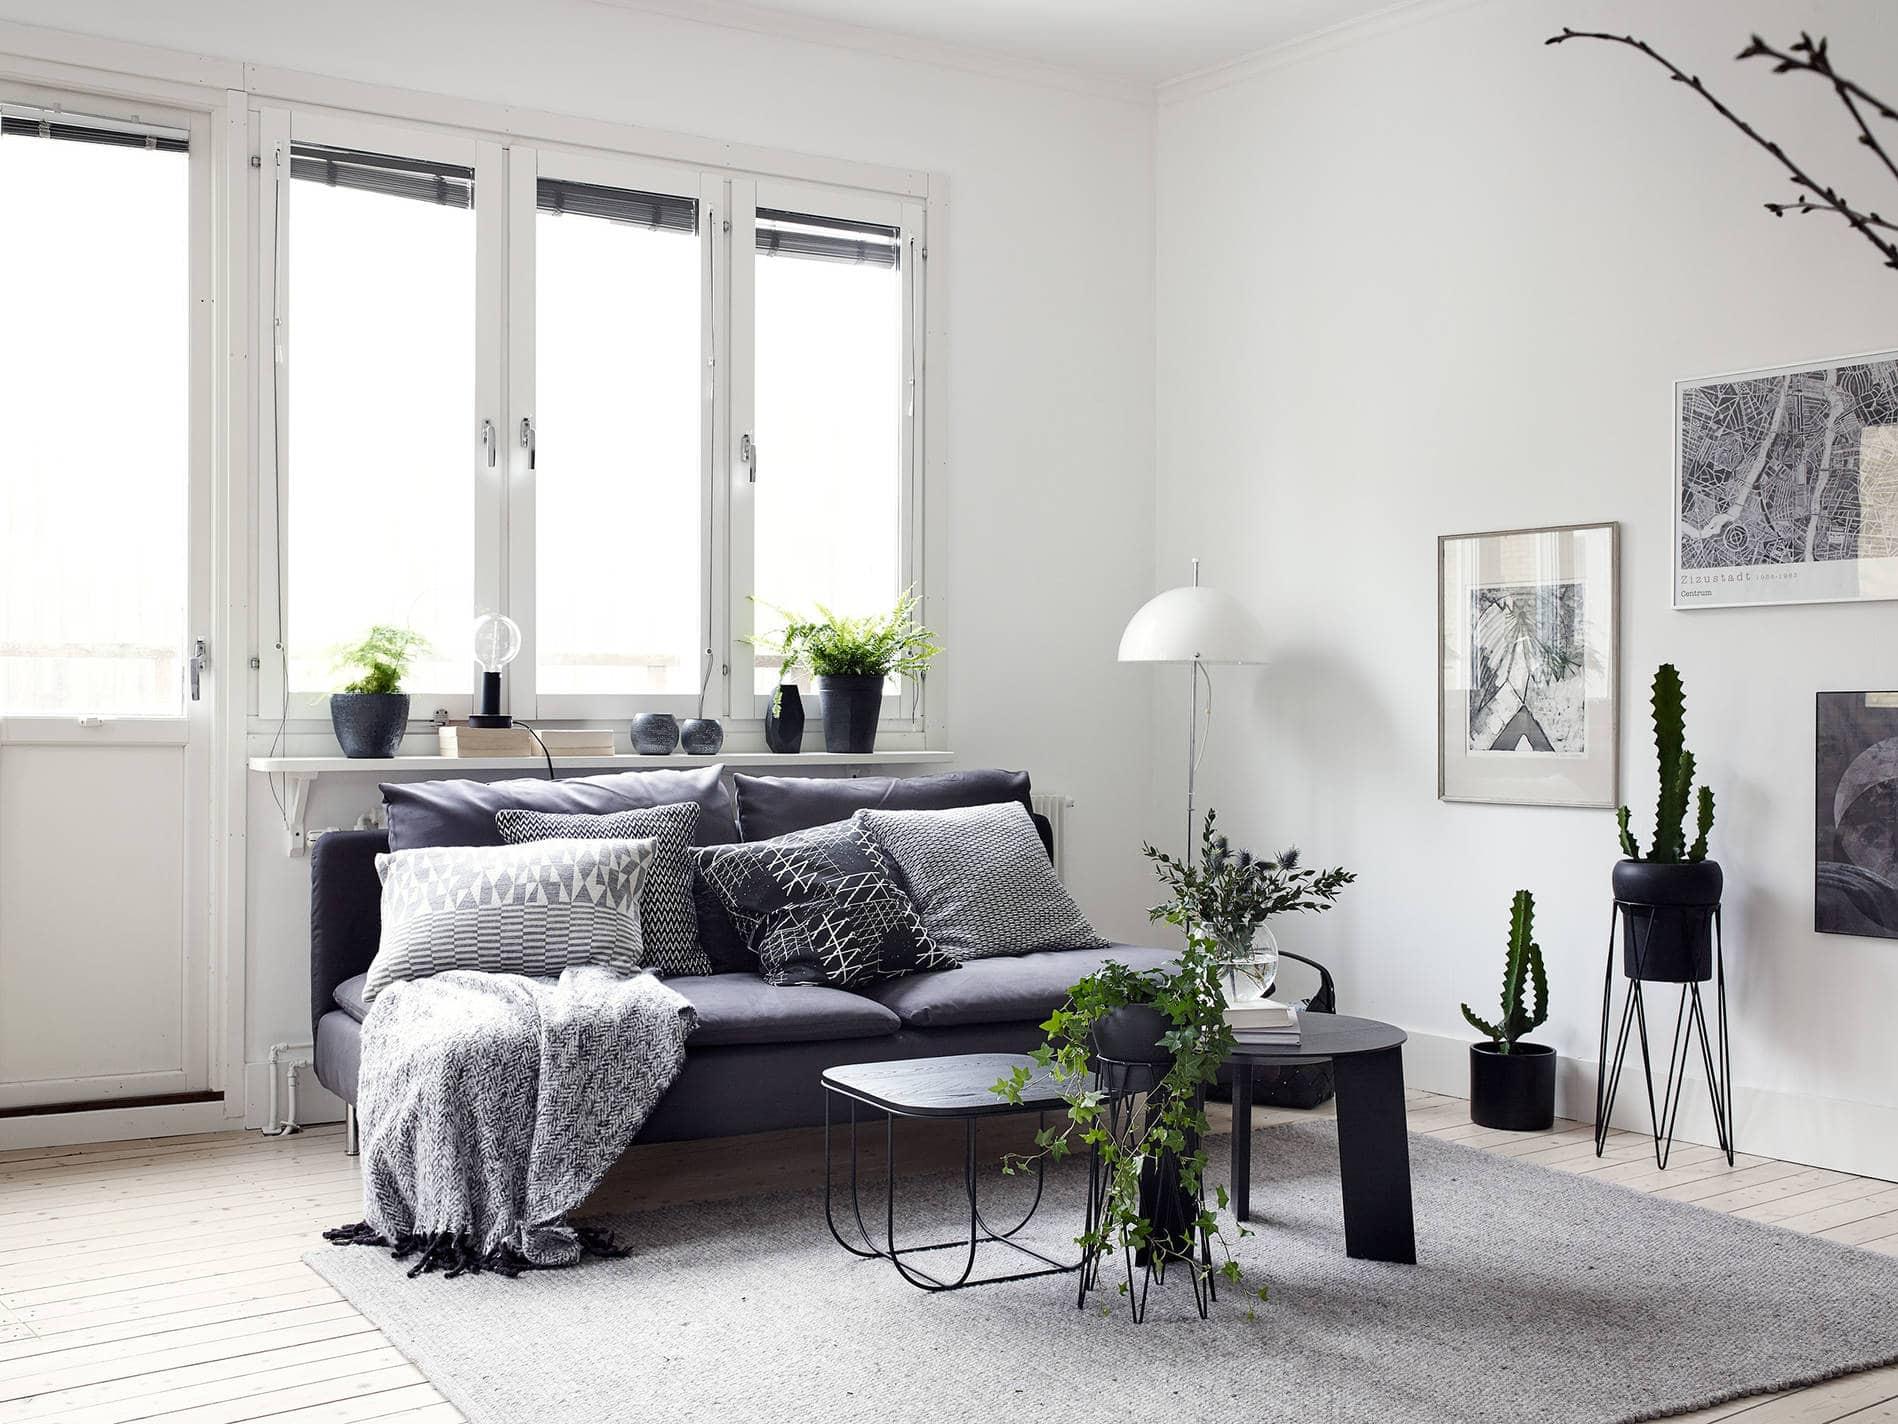 Black decor in a white interior  COCO LAPINE DESIGNCOCO